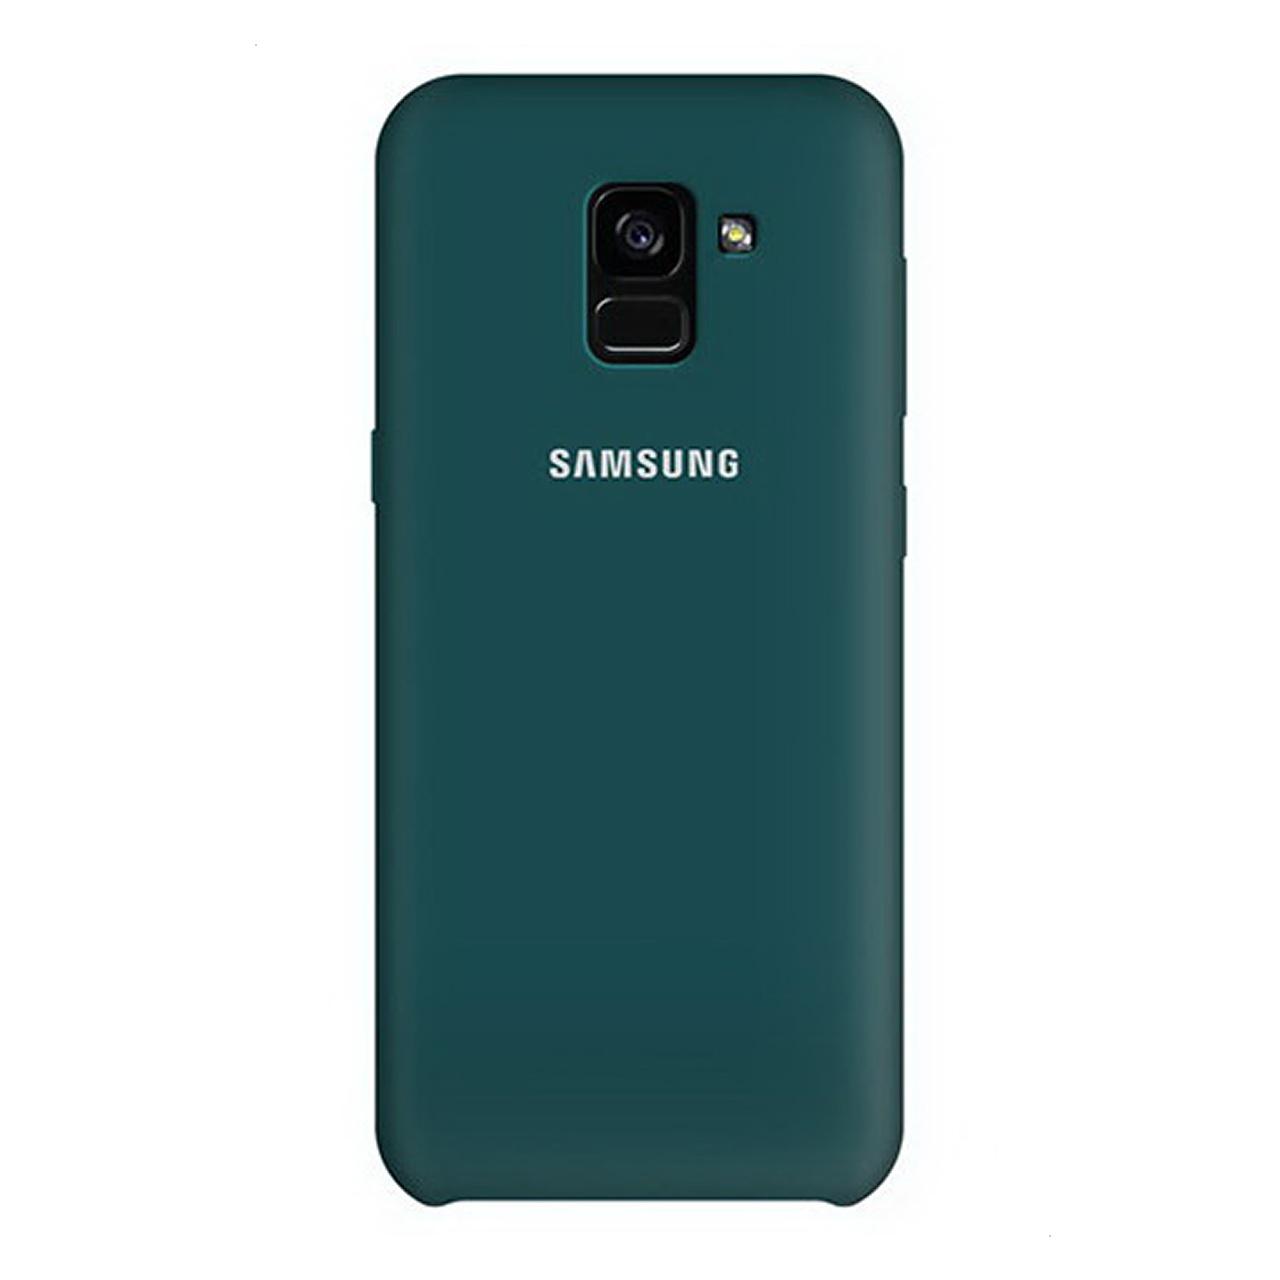 کاور سیلیکونی مدل SIC مناسب برای گوشی موبایل سامسونگ Galaxy A8 Plus 2018                     غیر اصل